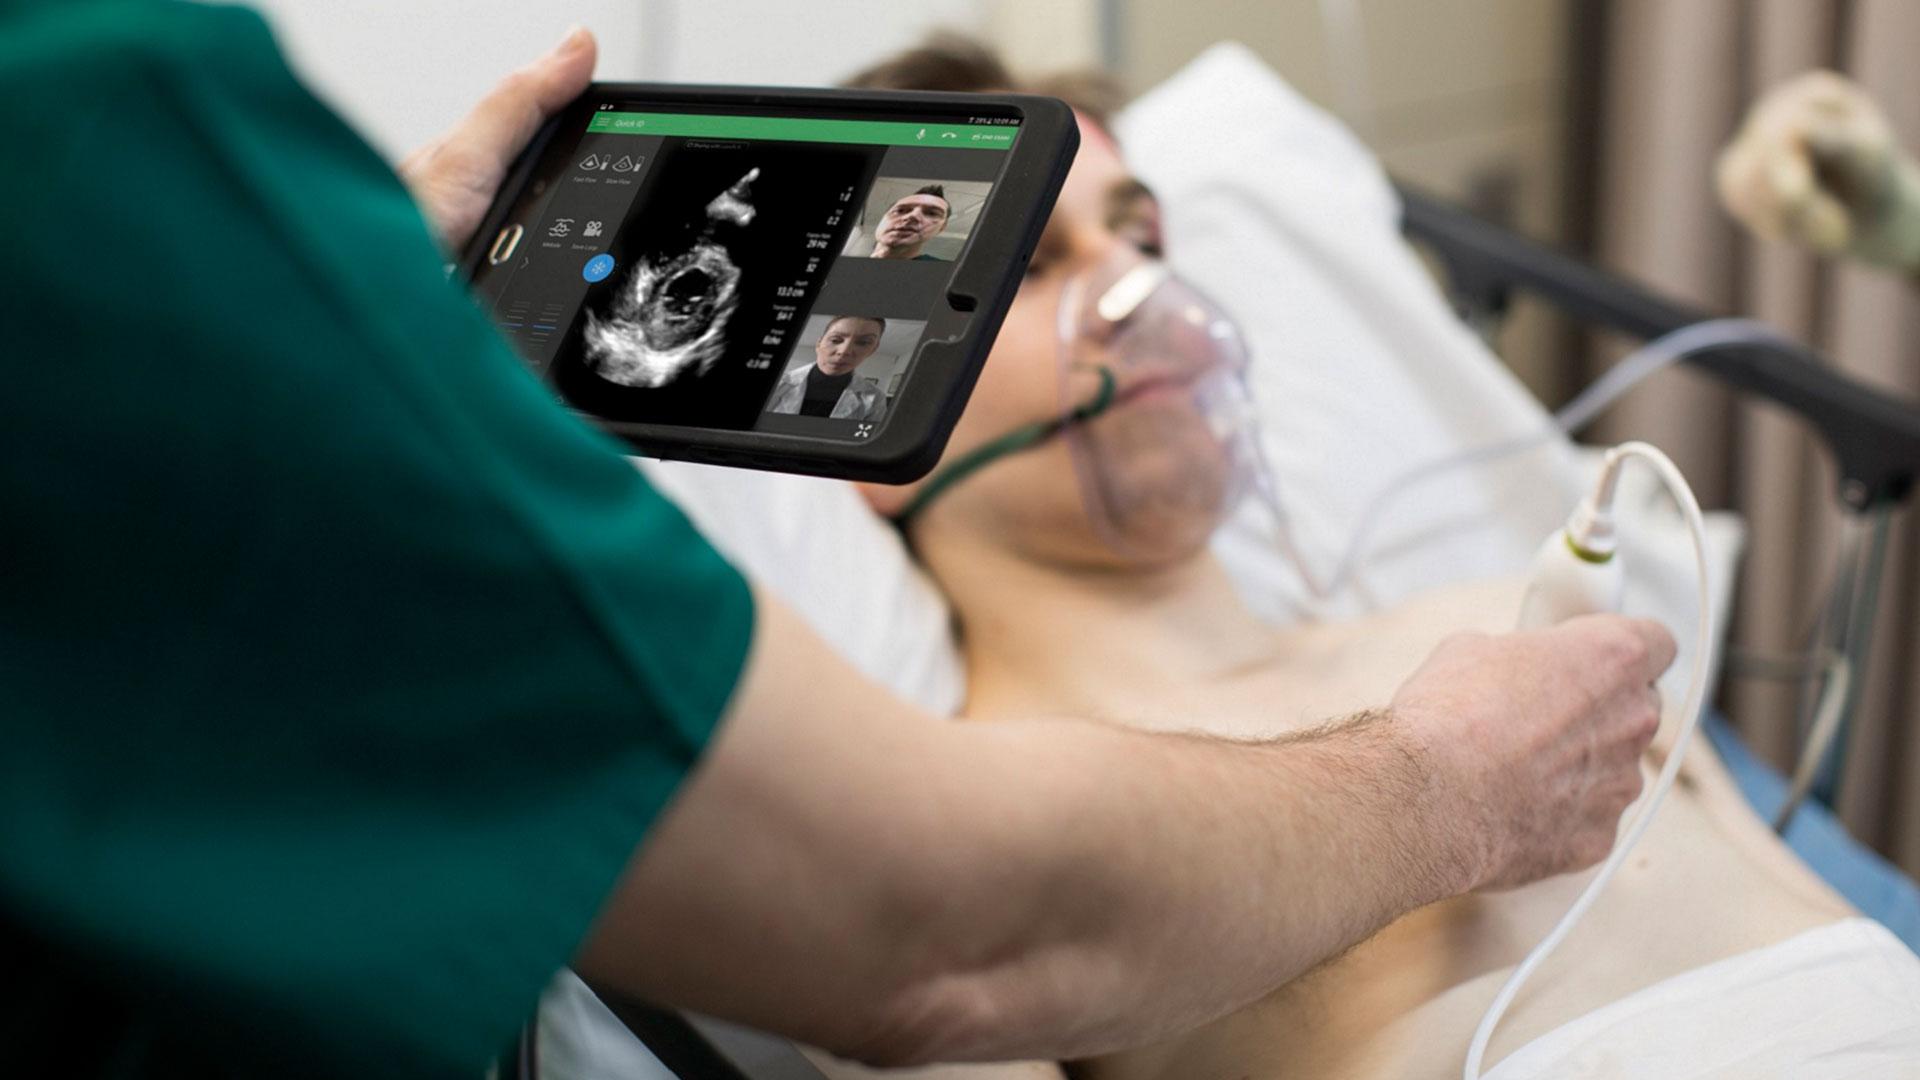 Портативные ультразвуковые системы: особенности, преимущества, перспективы использования